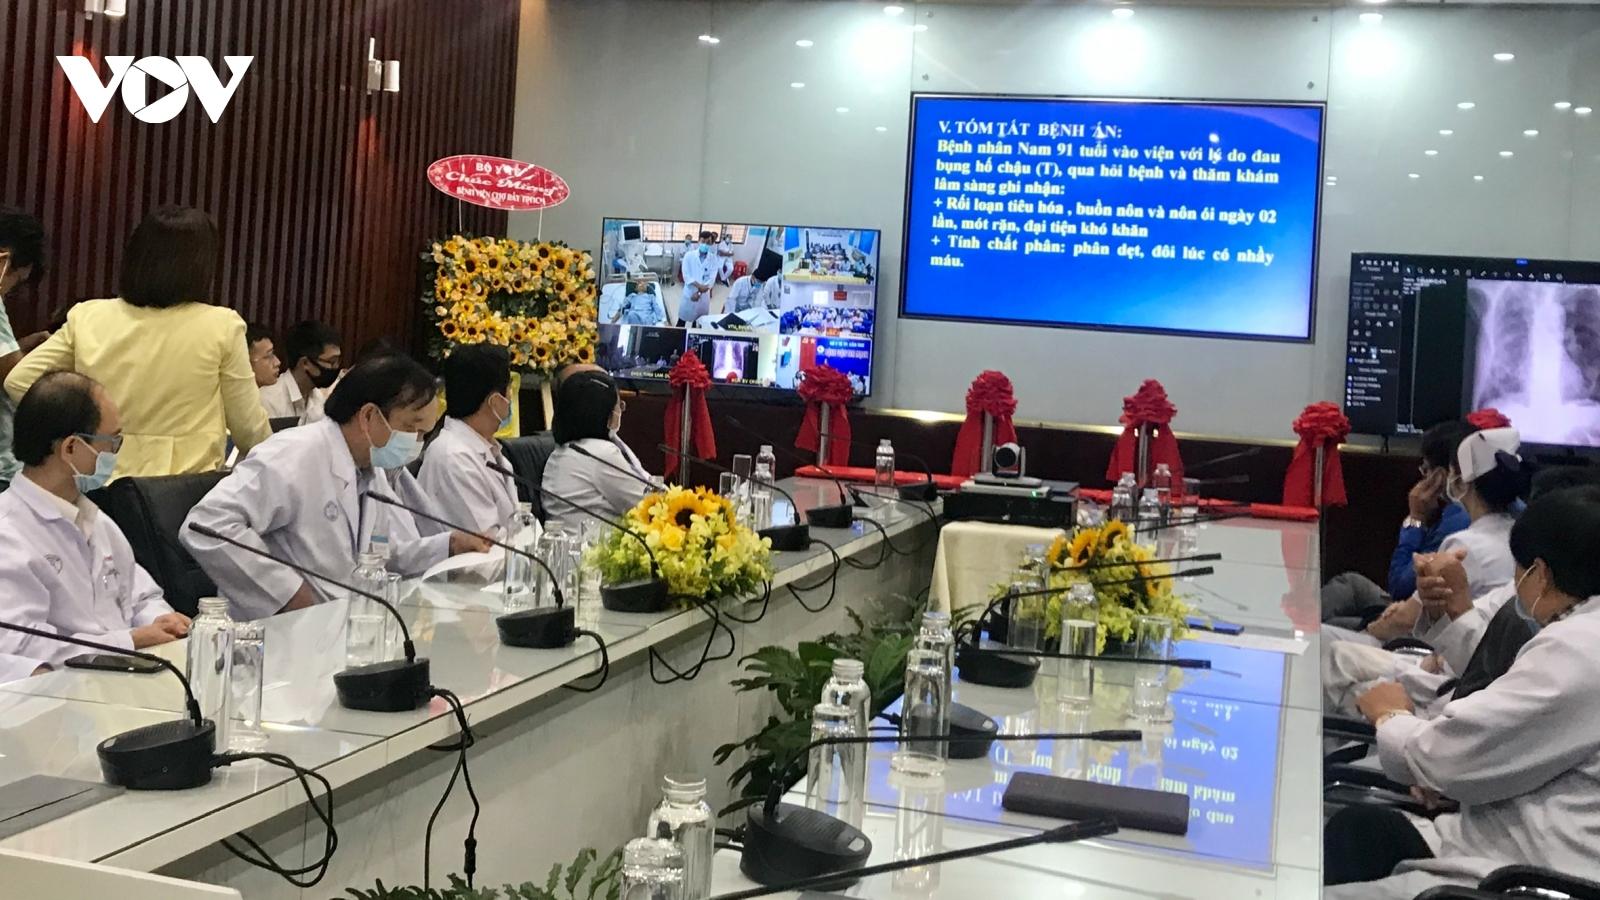 Bệnh viện Chợ Rẫy tăng cường hỗ trợ tuyến dưới khám chữa bệnh từ xa